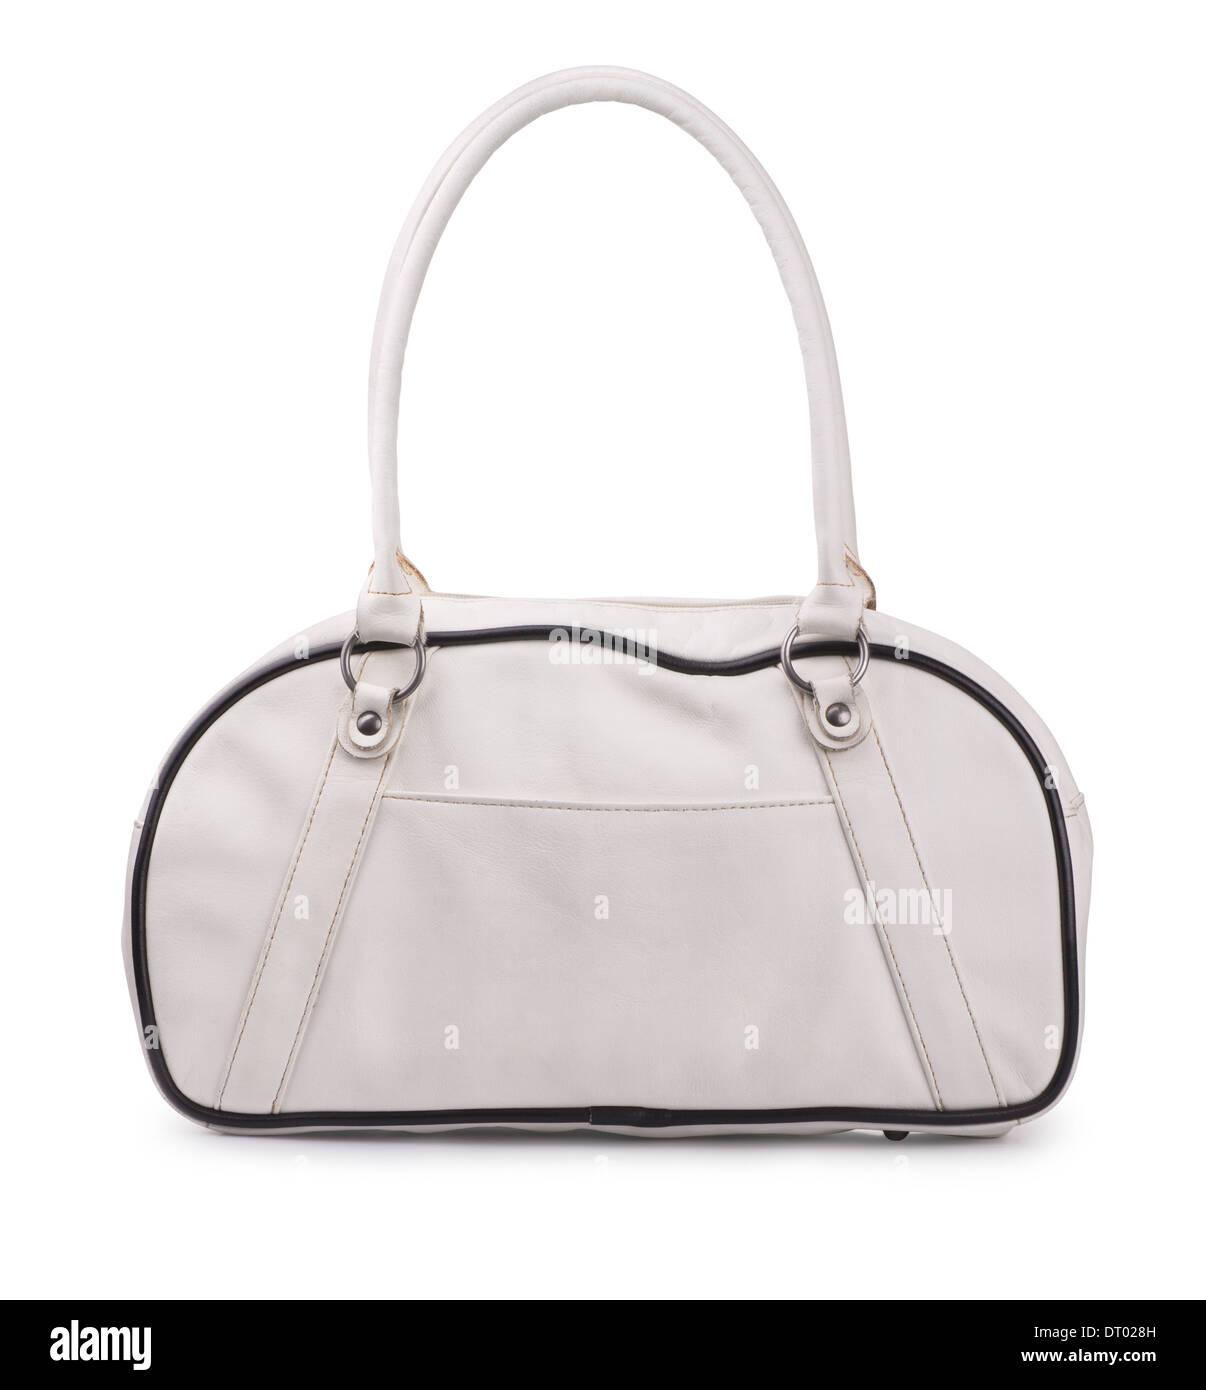 In pelle bianca borsa sportiva isolata su bianco Foto